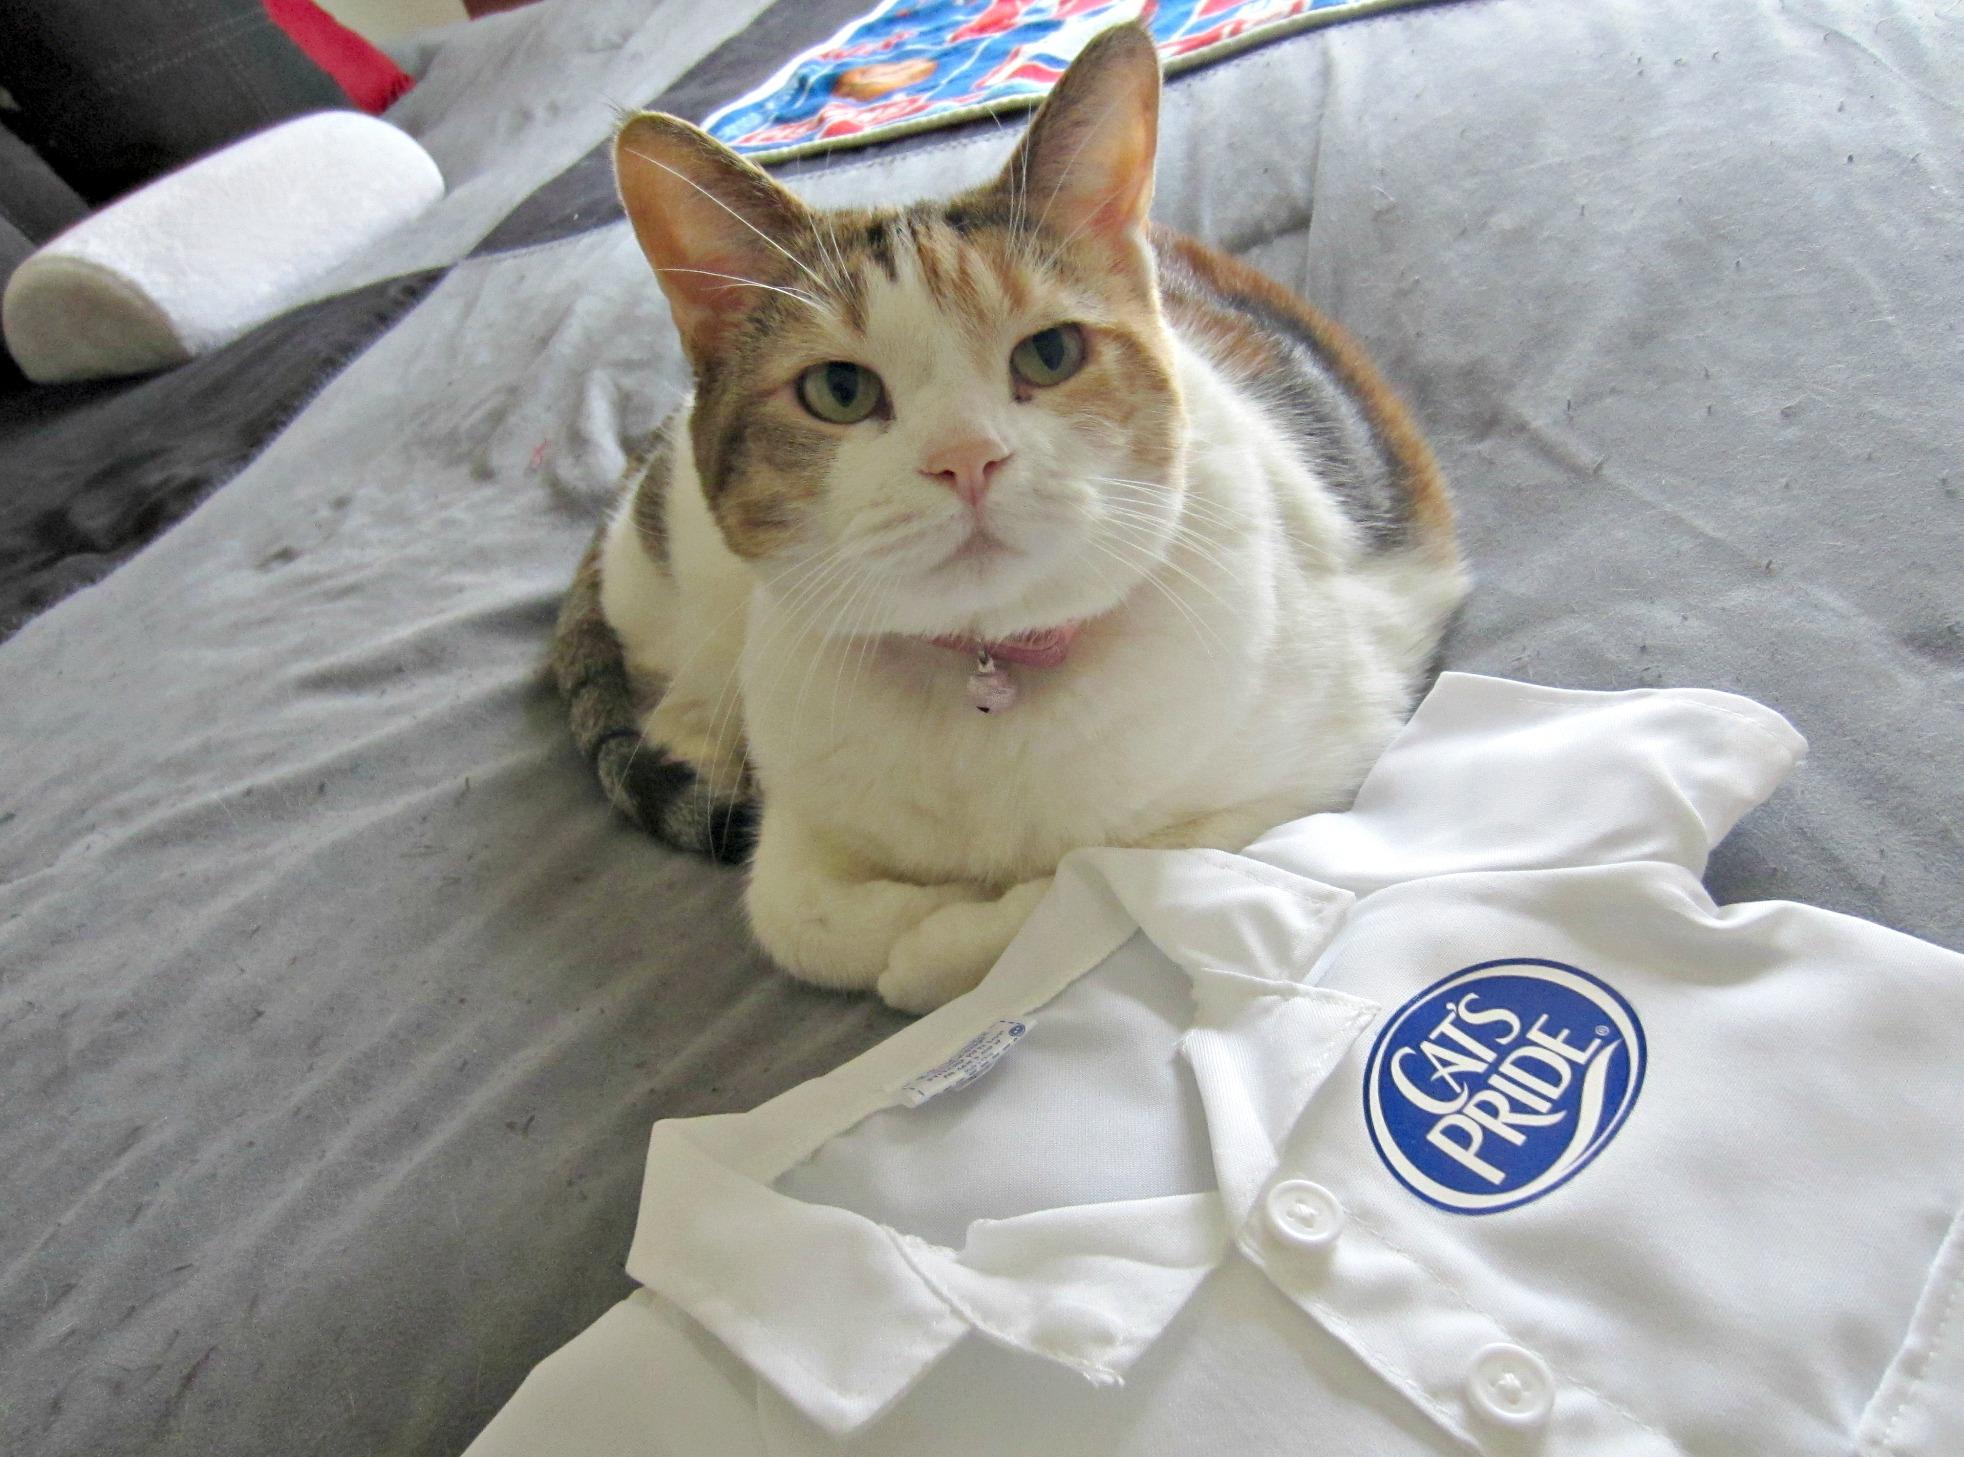 cali with cat's pride lab coat